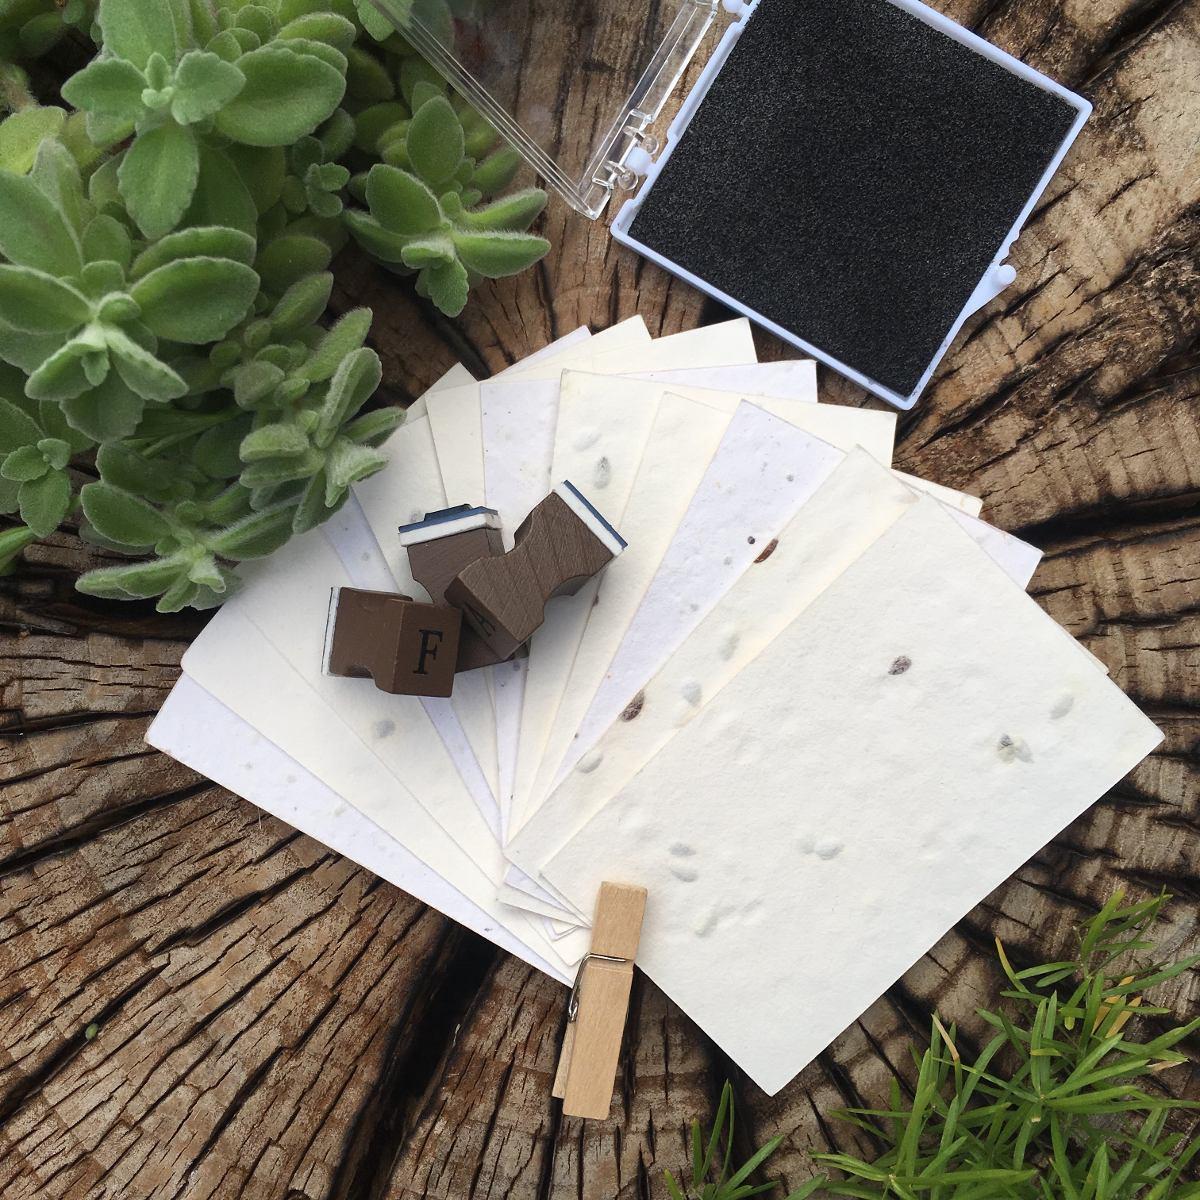 200 Tarjetas/Tags 8x5 cm (Corte Recto) - Papel Plantable ...